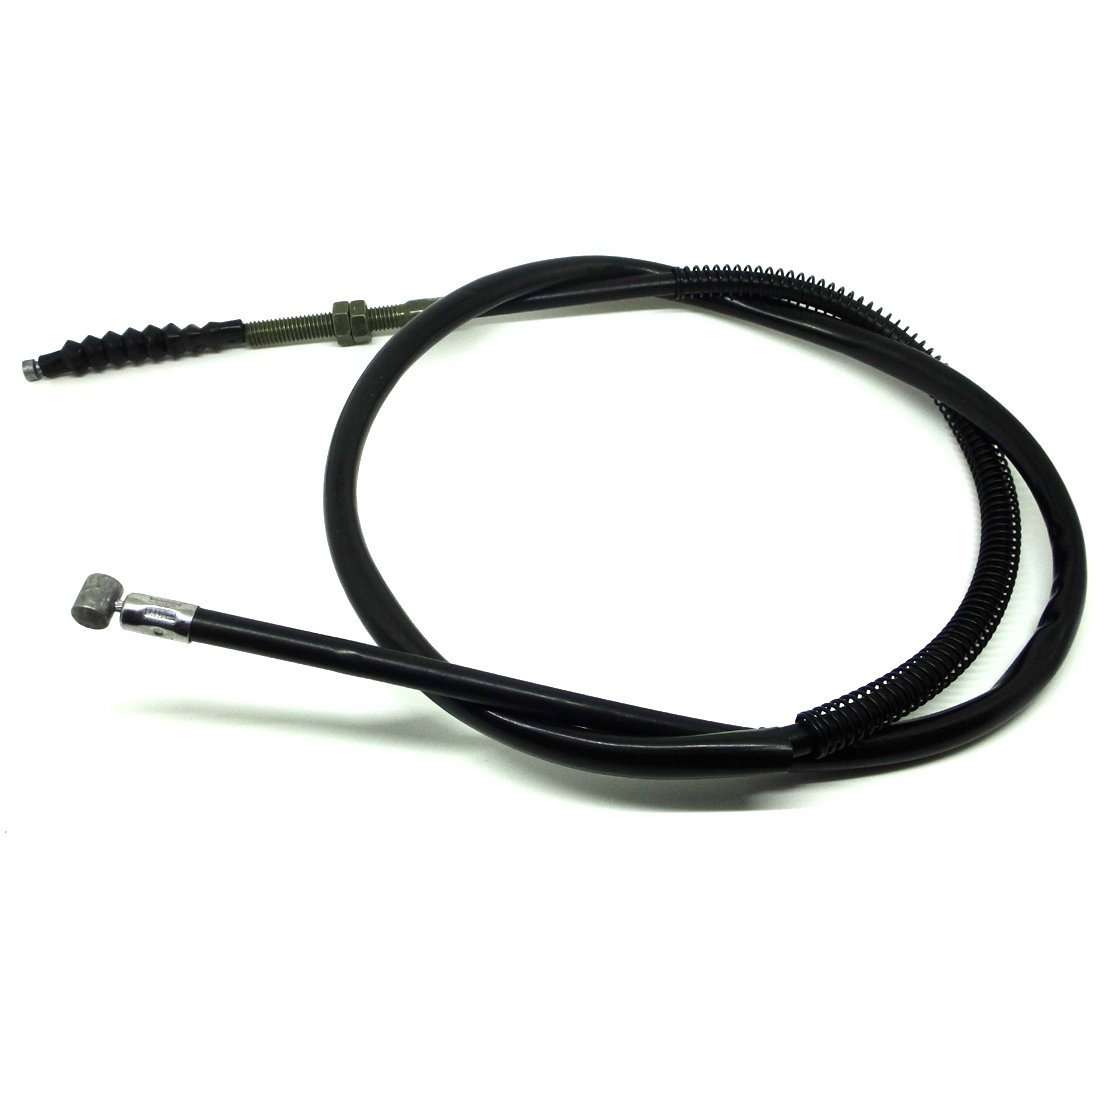 AMSAMOTION - Cable de embrague para Yamaha Warrior 350 YFM350X 1987 Yamaha Warrior 350 (YFM350X) 1988 Yamaha Warrior 350 (YFM350X): Amazon.es: Coche y moto